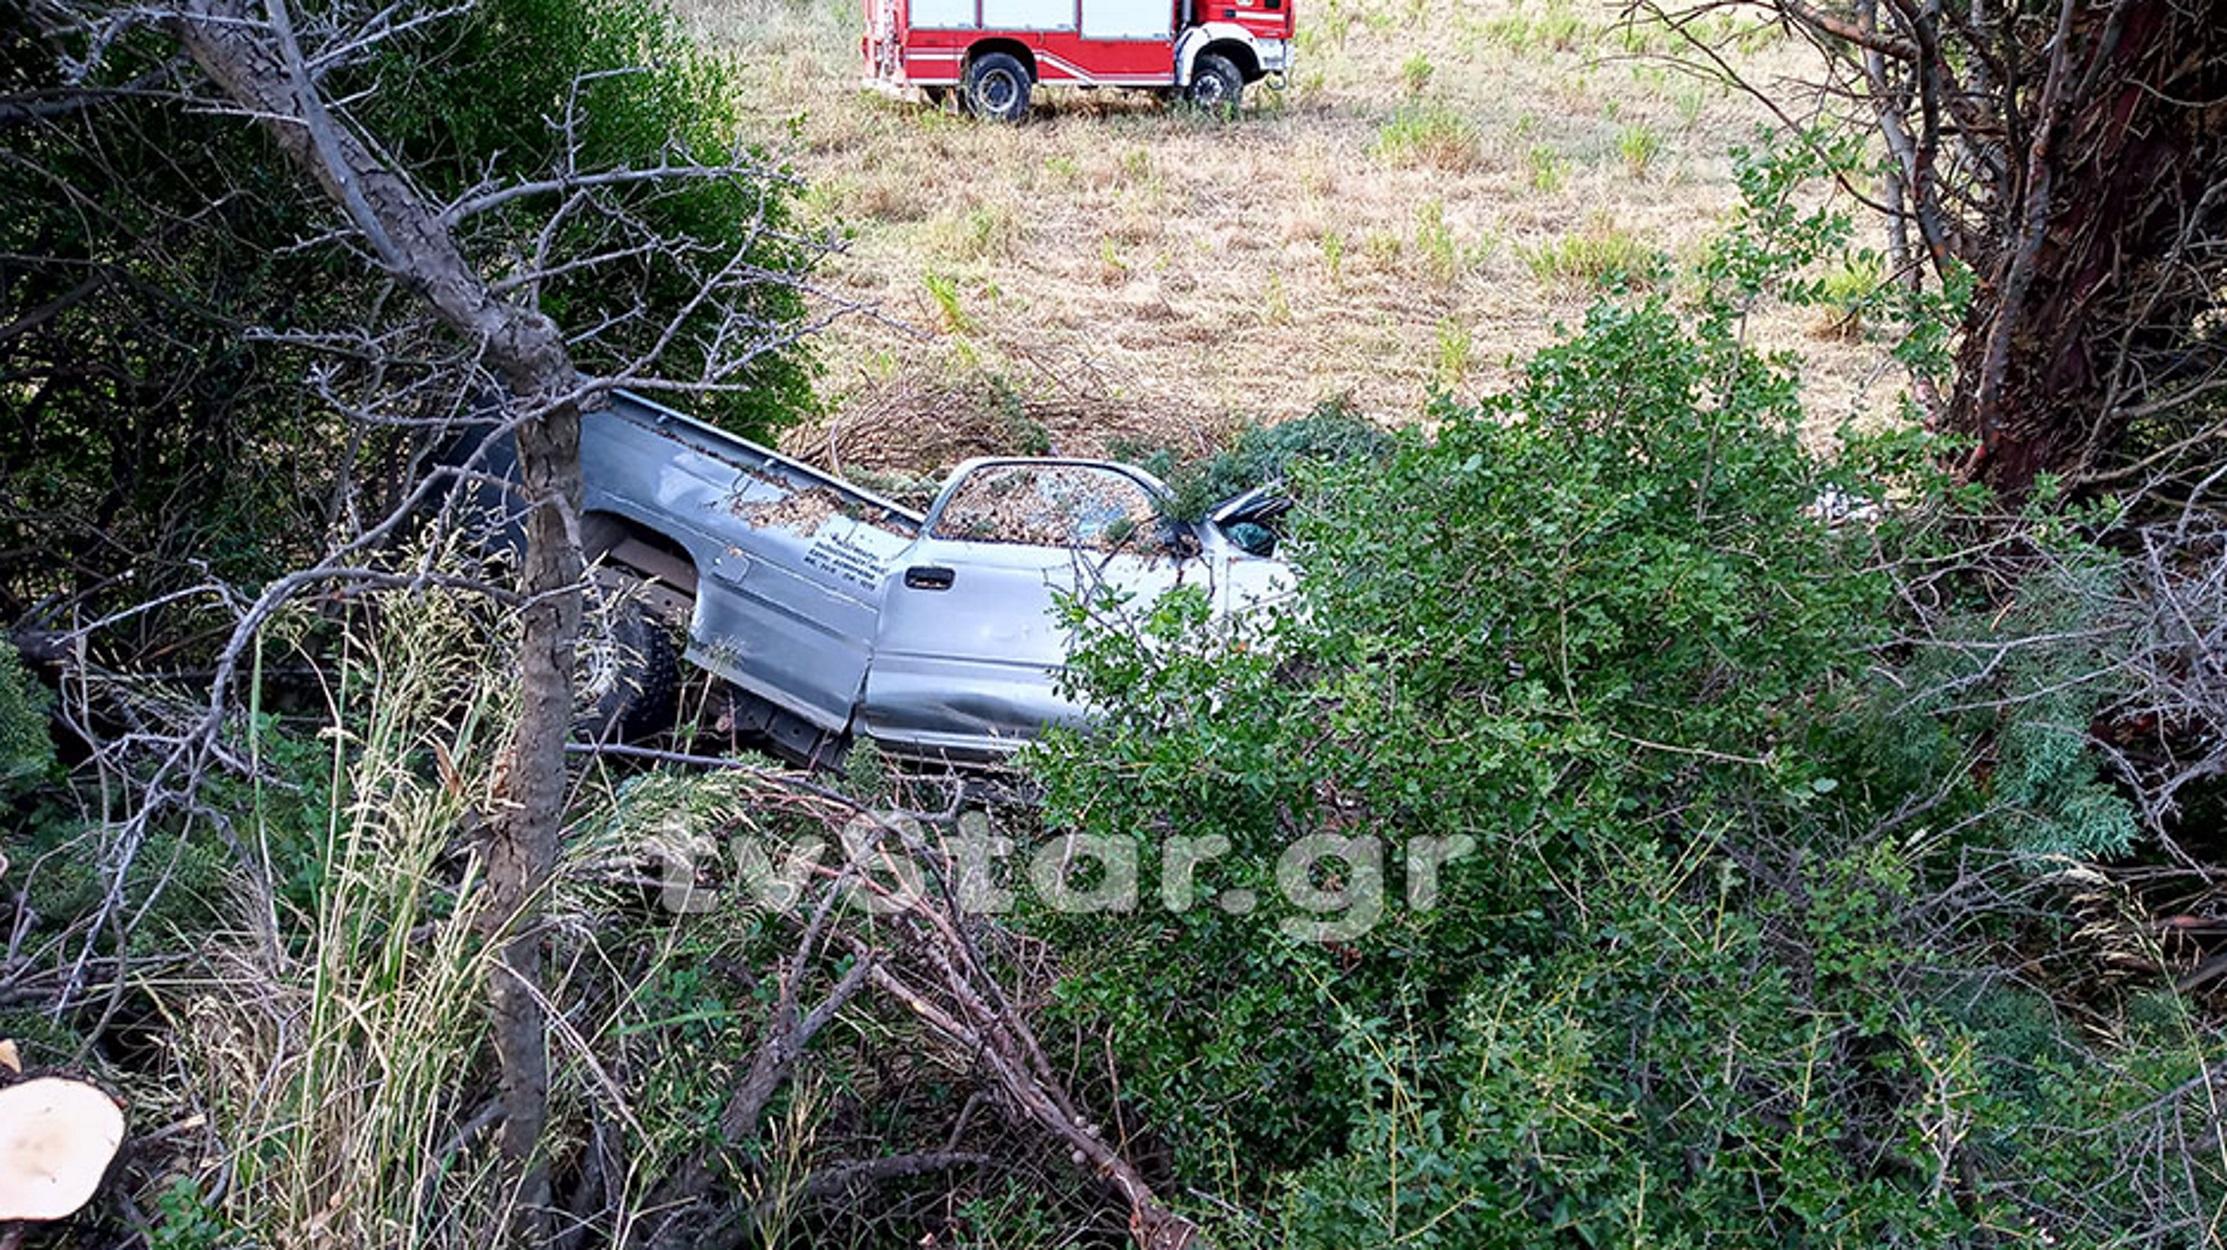 Βιοιωτία: Οδηγός σώθηκε από θαύμα – Καταπλακώθηκε από δέντρα και βγήκε σώος!